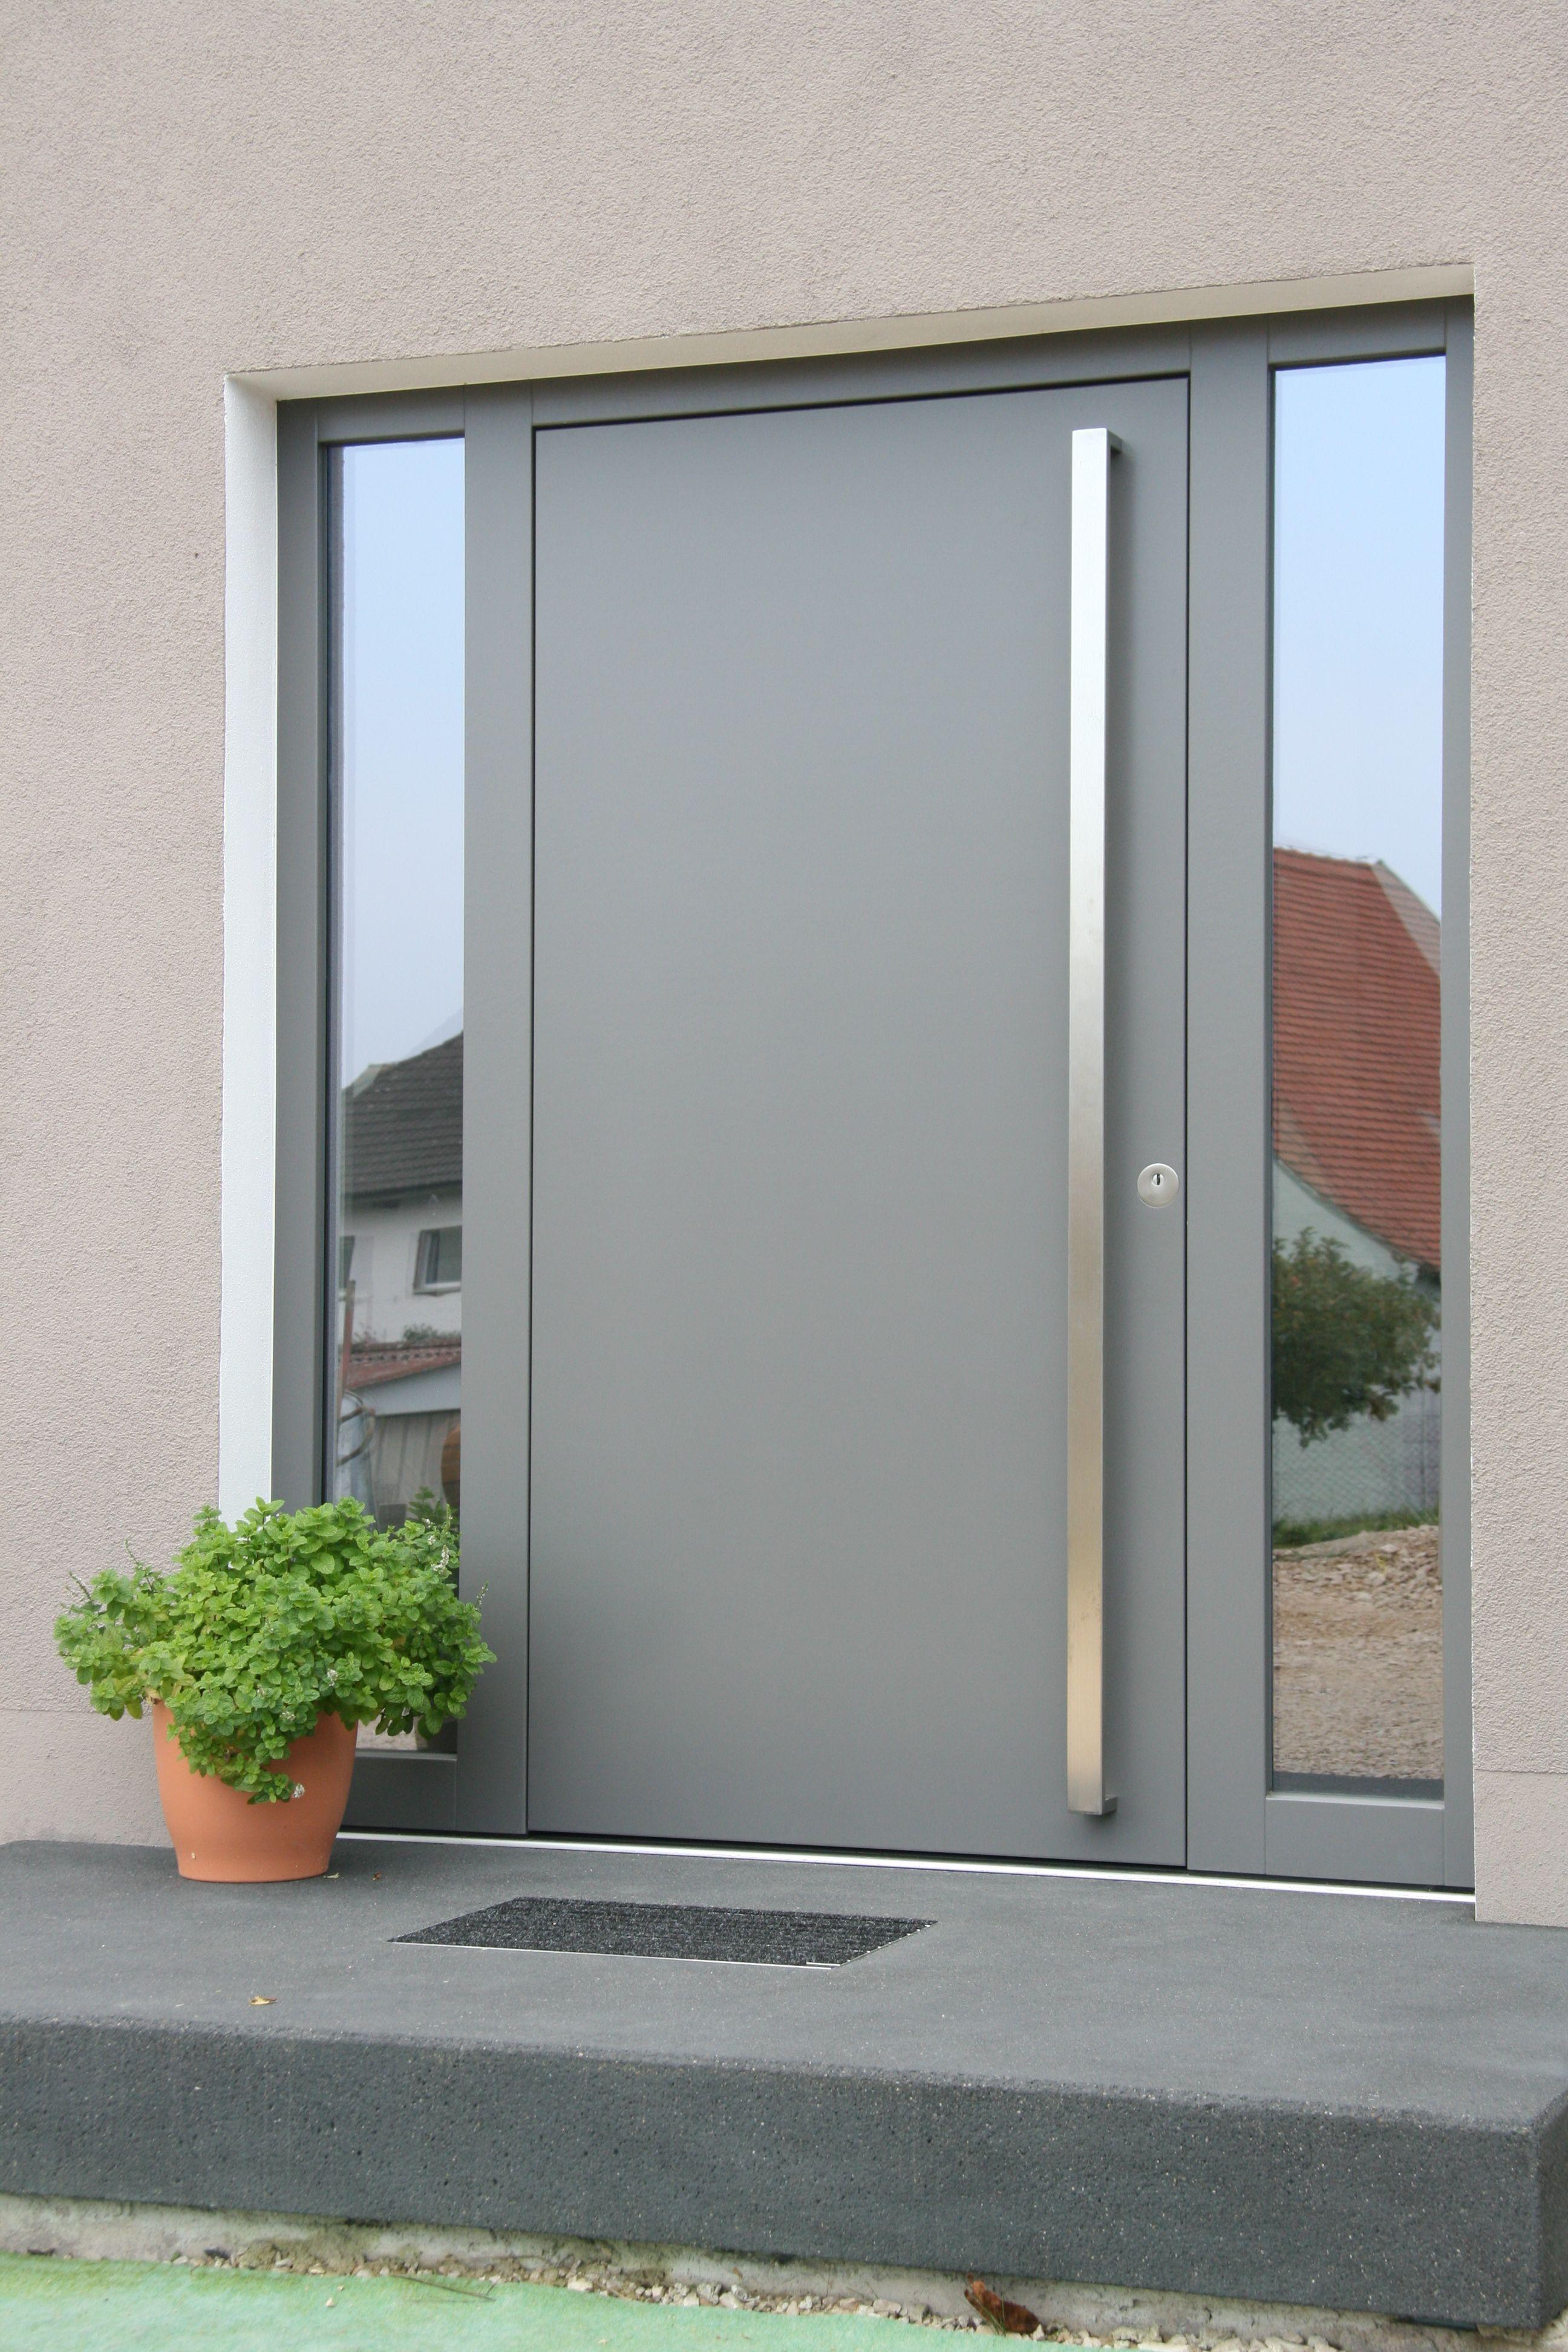 moderne Haustür mit seitlichen Glasfenstern        moderne Haustür mit seitlichen Glasfenstern #Glasfenstern #hauseingang #Haustür #mit #moderne #seitlichen #victorianfrontdoors